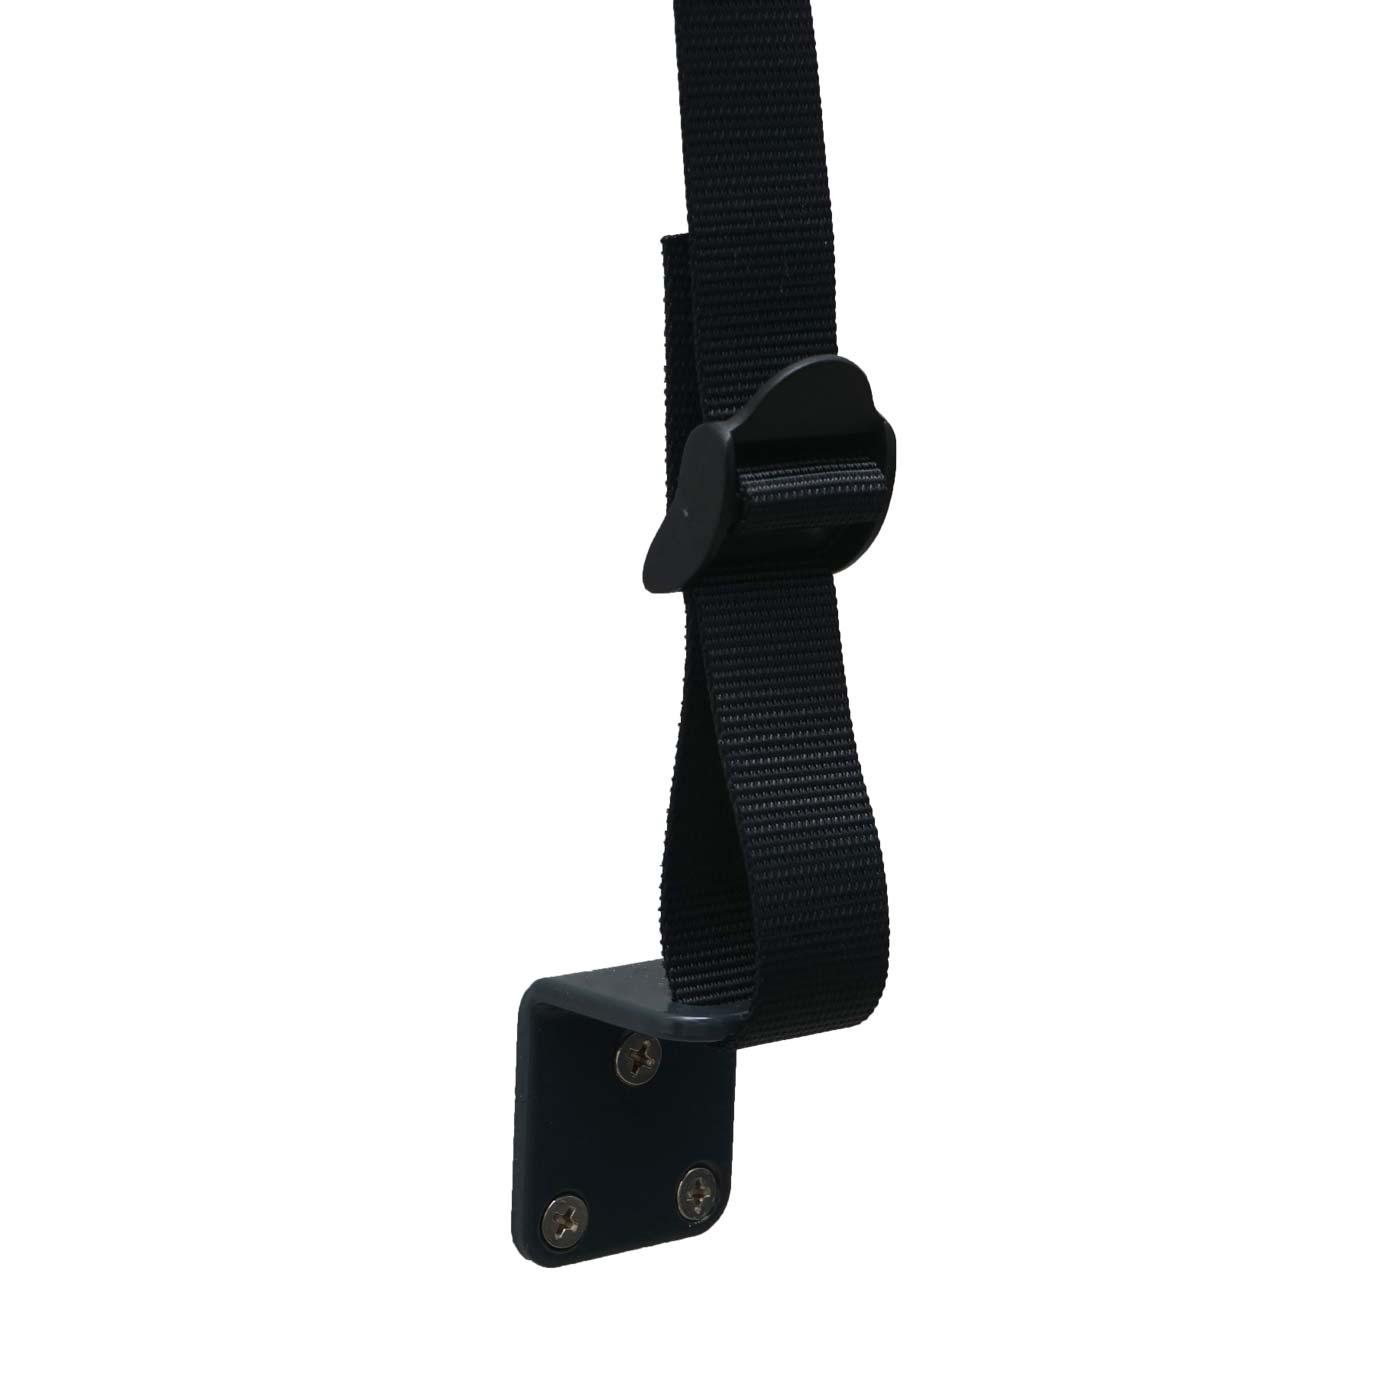 Vertikalmarkise HWC-F42 Detail Wandfixierung mit Haltebändern